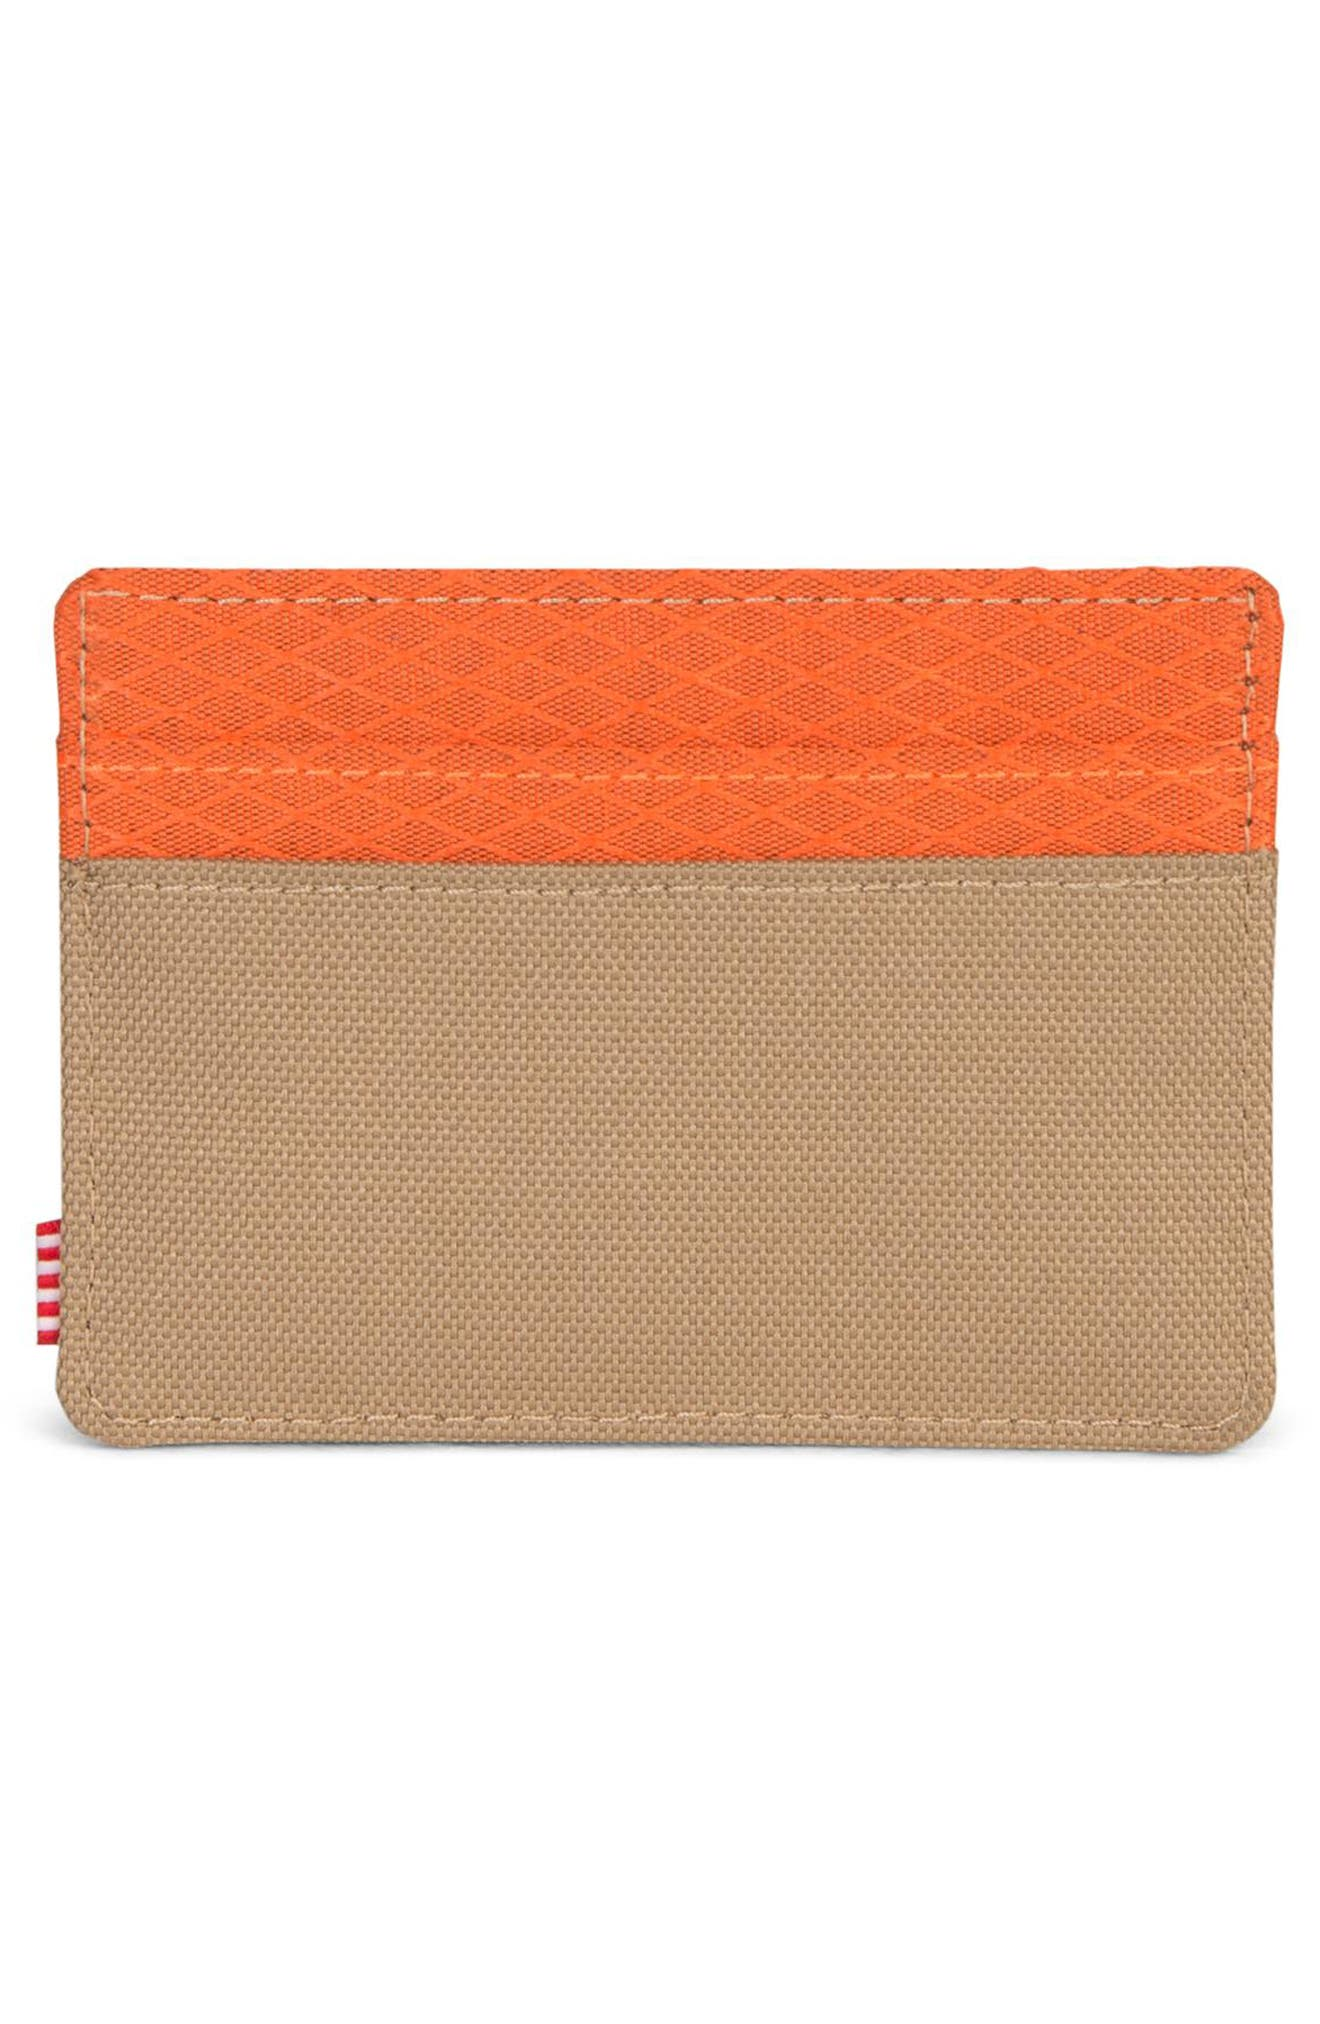 Charlie Card Case,                             Alternate thumbnail 2, color,                             KELP/ VERMILLION ORANGE